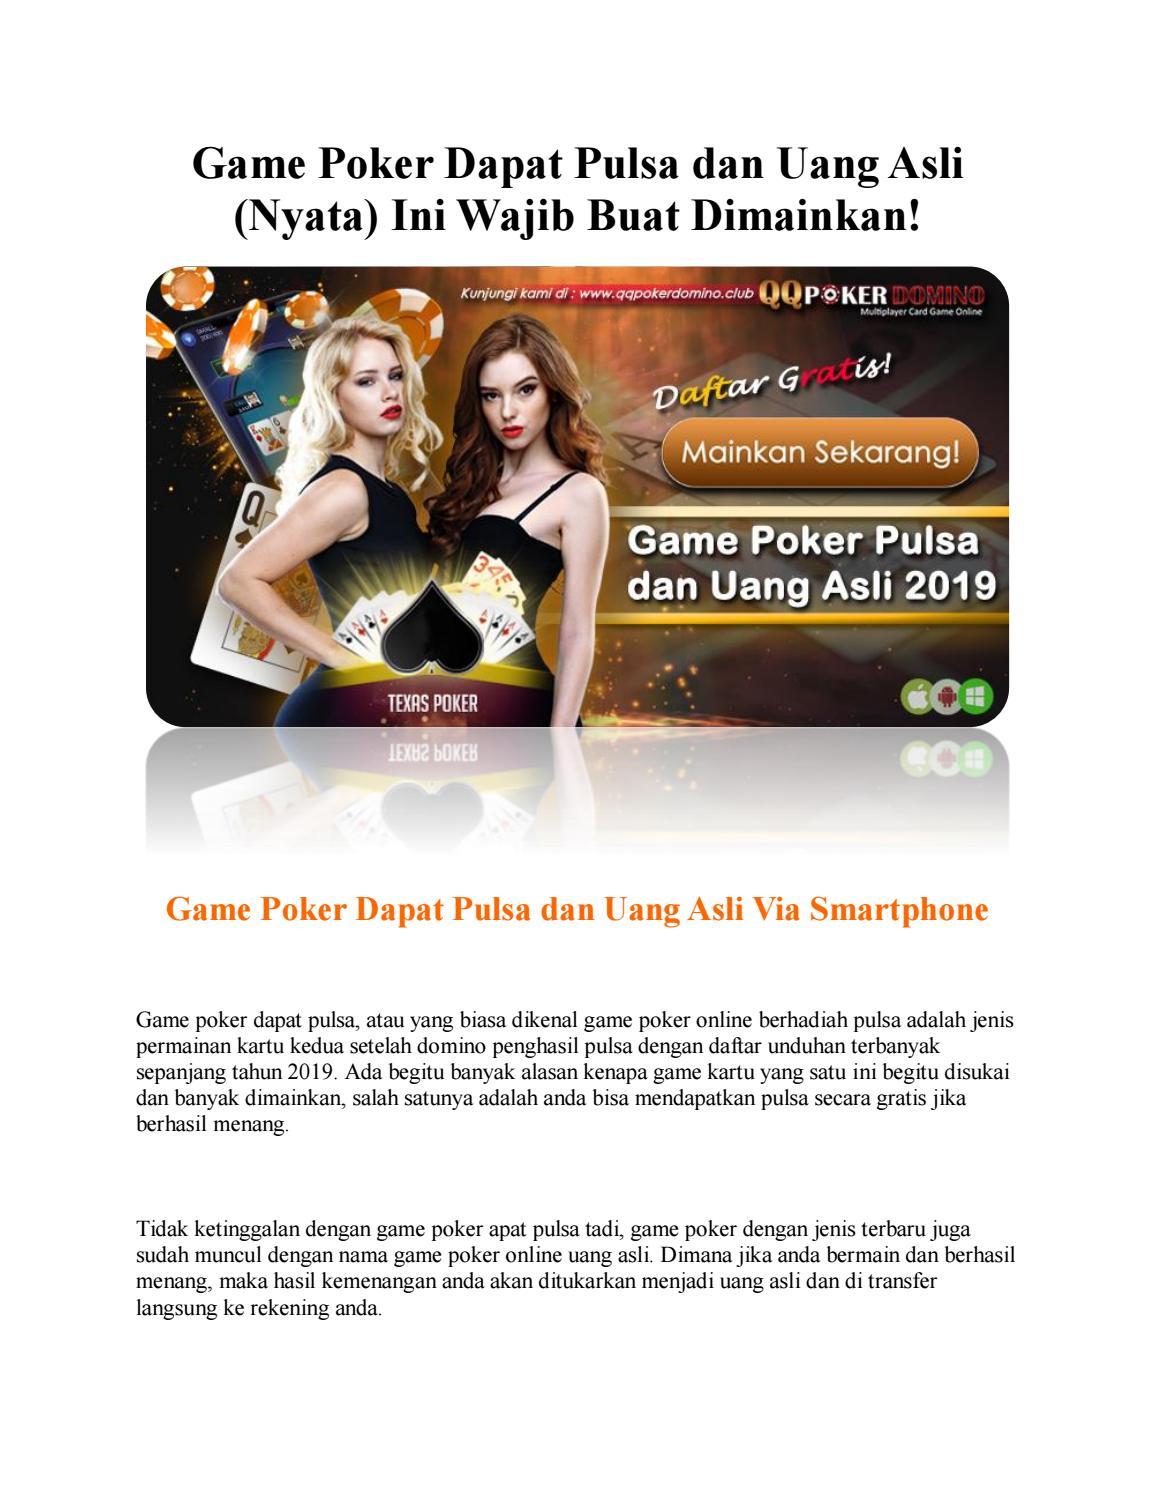 Game Poker Dapat Pulsa Dan Uang Asli Nyata Ini Wajib Buat Dimainkan By Anan Issuu